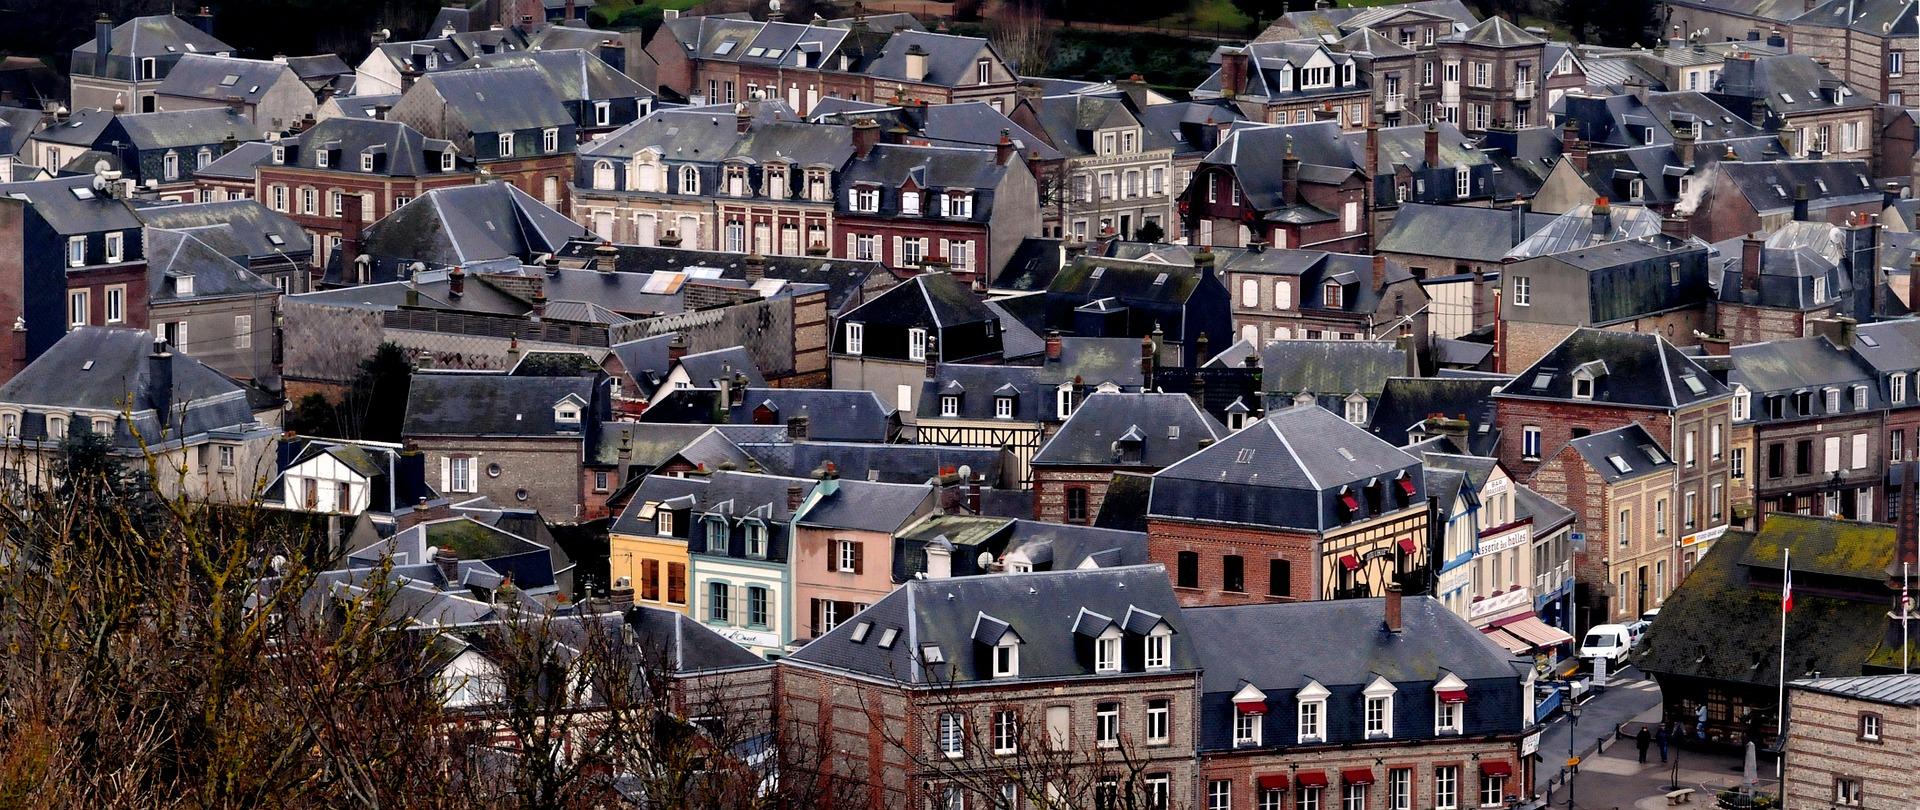 Logement : les loyers reculent dans la moitié des communes françaises